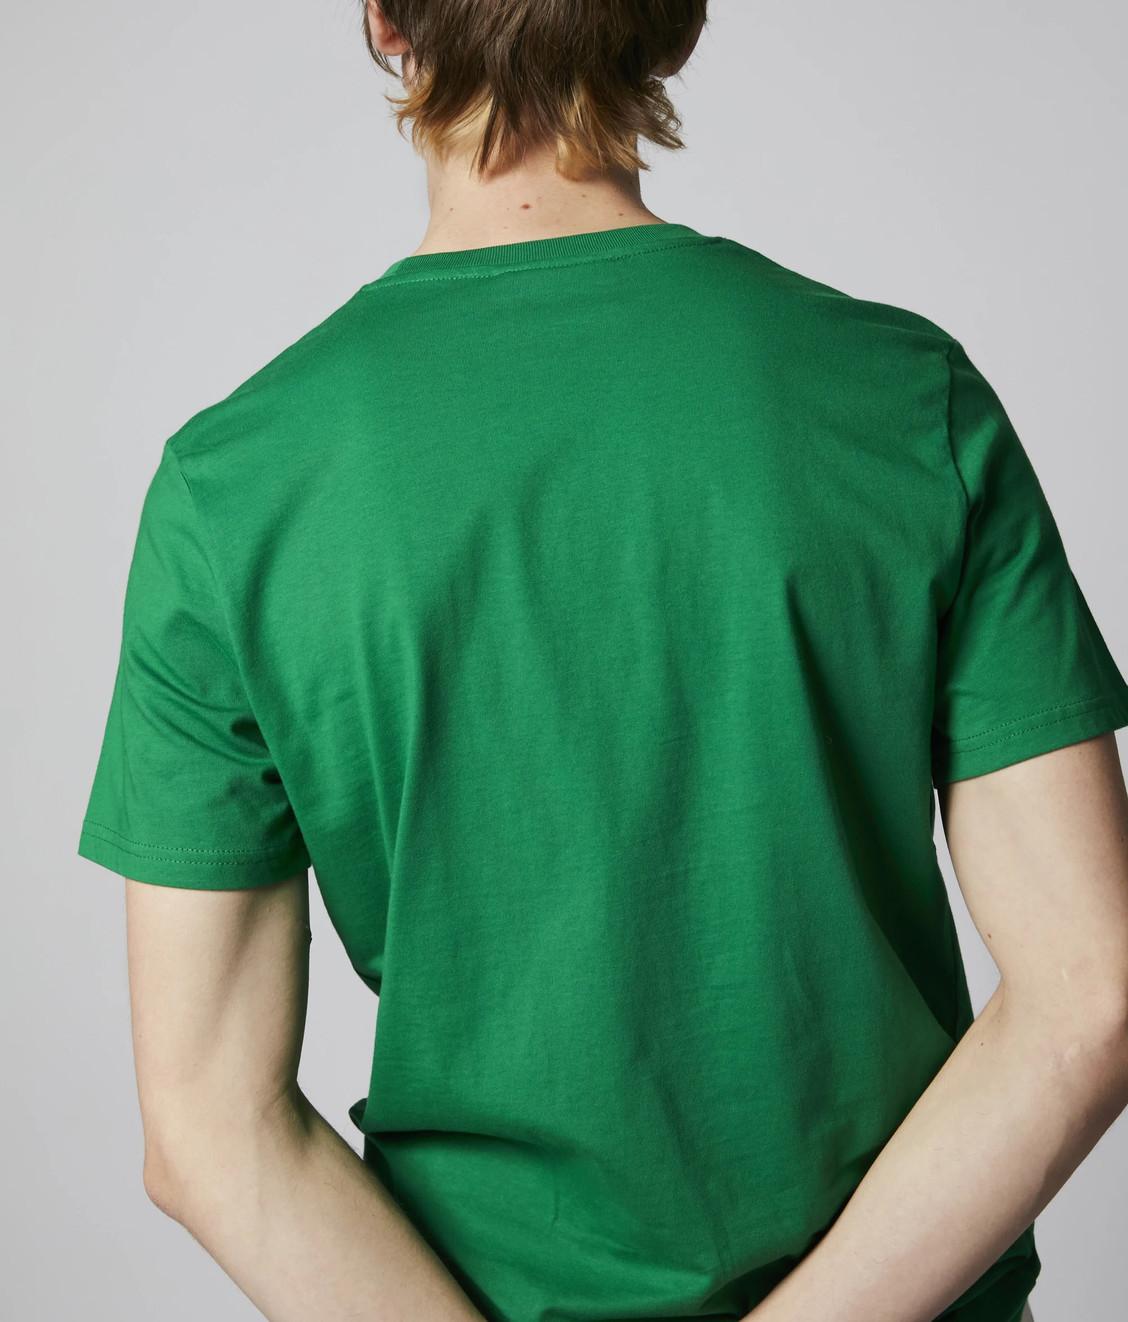 Harmony Harmony T-Shirt Teddy Rizzoli Varsity Green